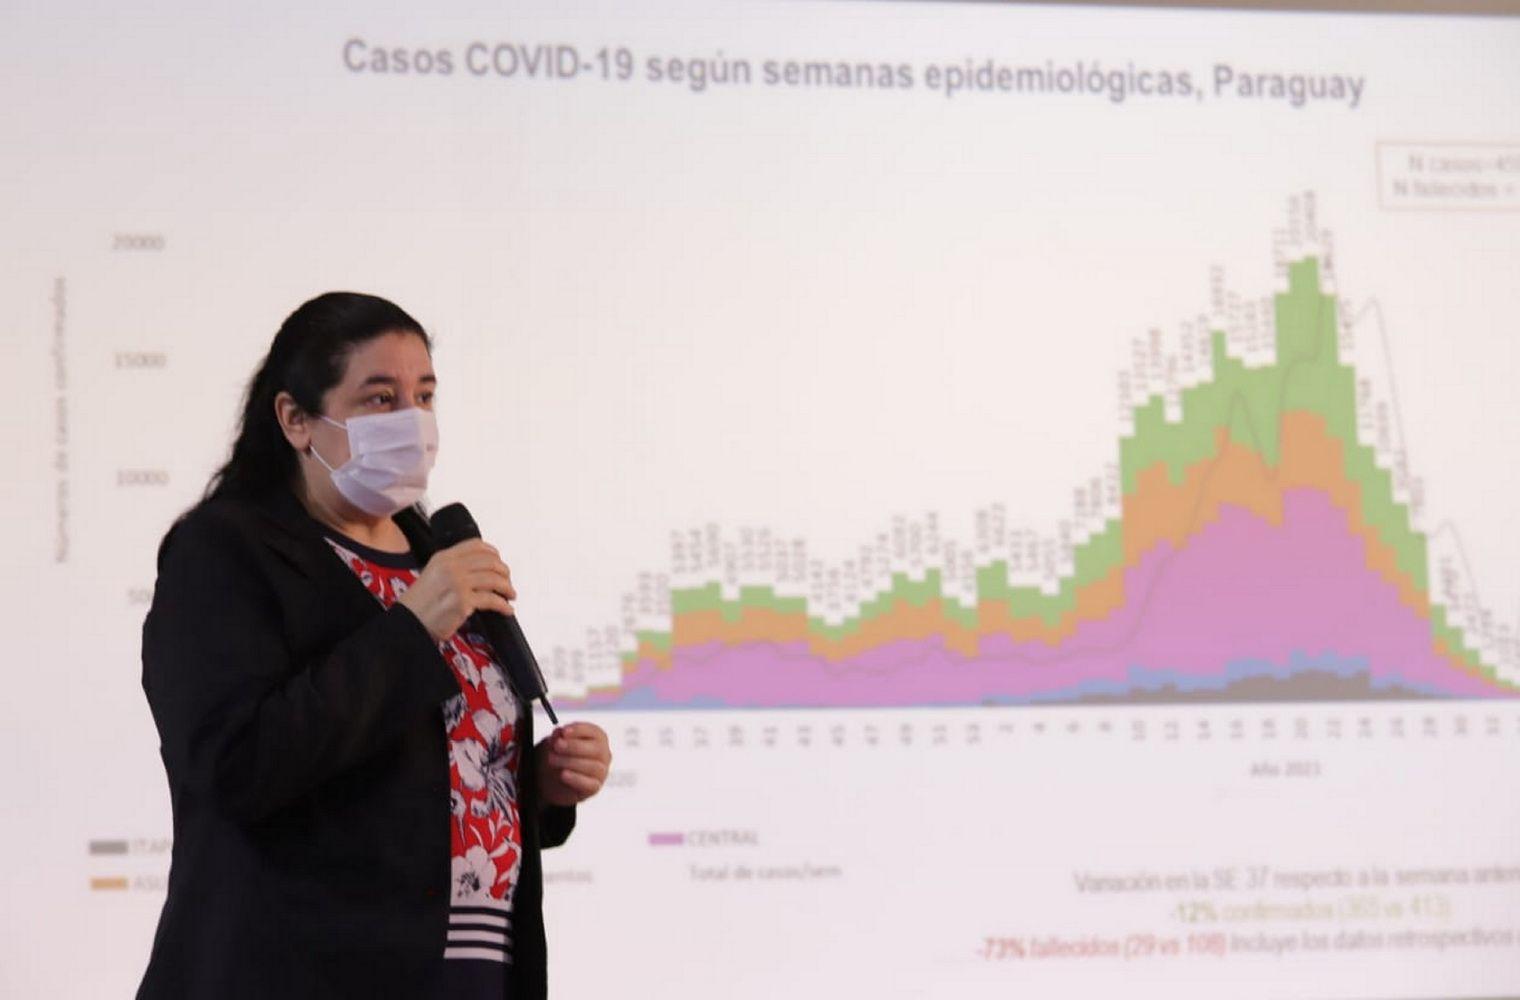 Llama la atención el Alto Paraná, donde tenemos un aumento y fue lo que suscitó un mayor análisis al ser un departamento de frontera y al que debemos mirar estratégicamente. Dra. Sandra Irala, directora interina de Vigilancia.